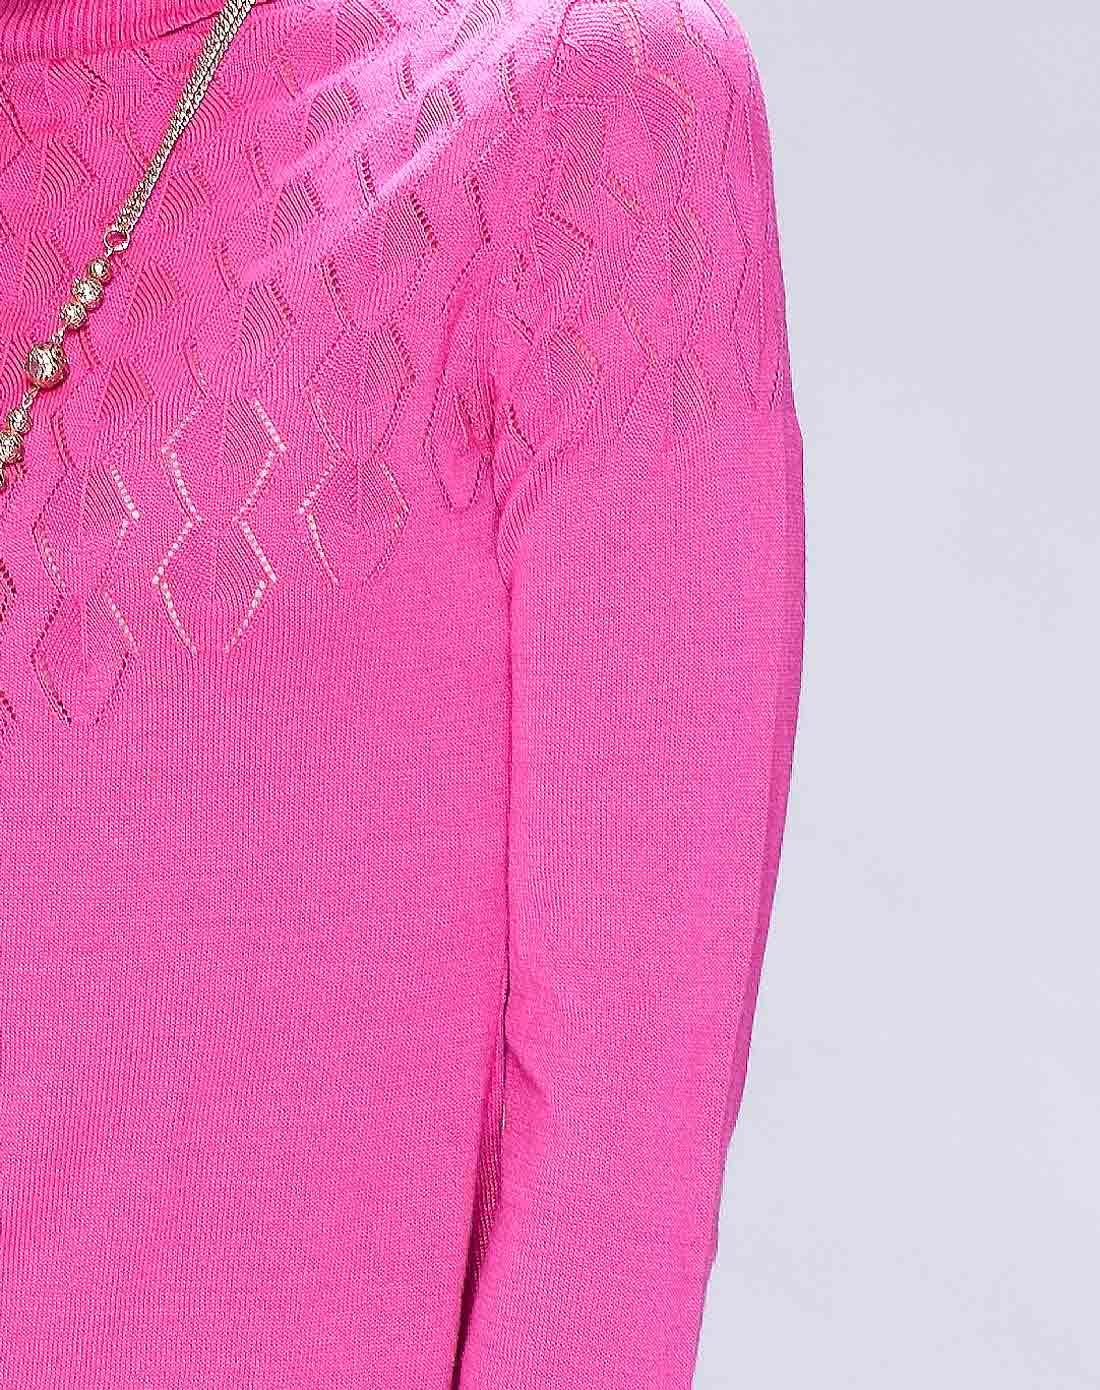 女装花样玫波浪图纹设计舒适大方毛衫